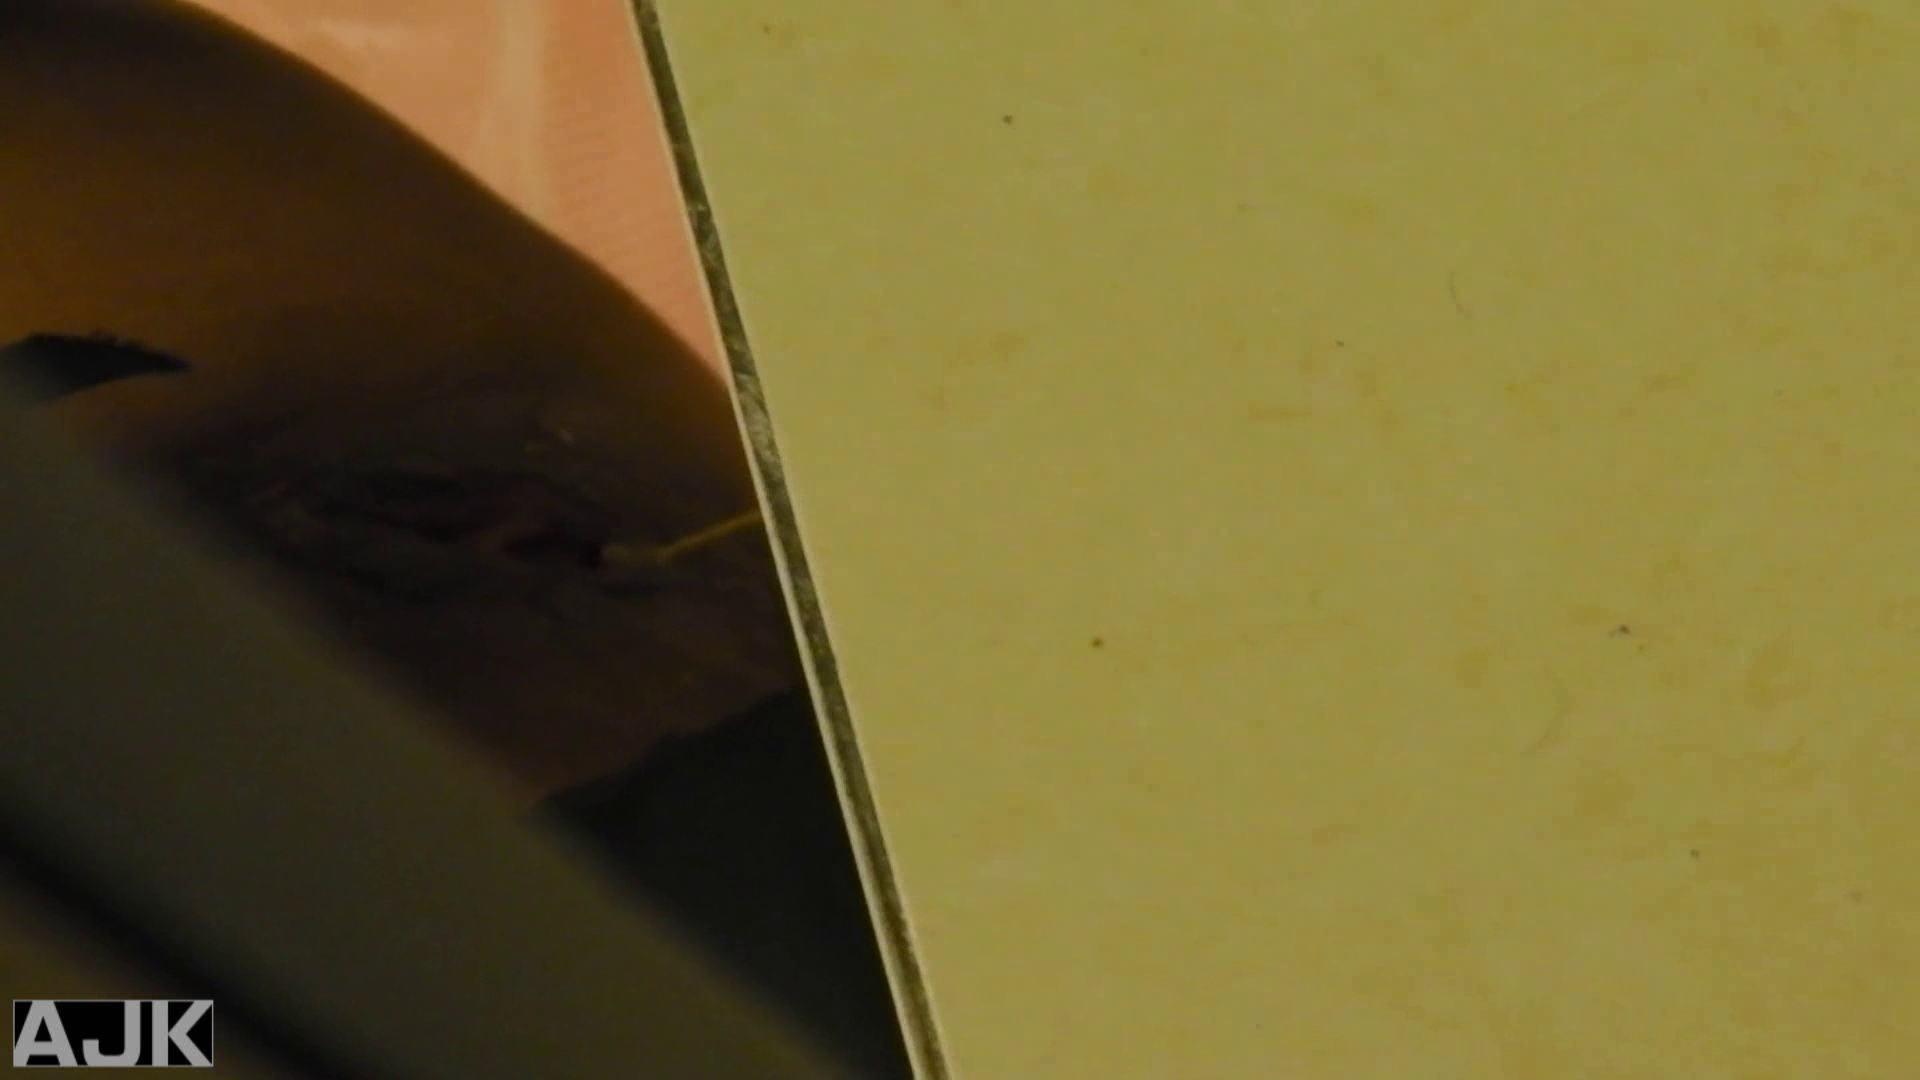 隣国上階級エリアの令嬢たちが集うデパートお手洗い Vol.09 便器 性交動画流出 73画像 52